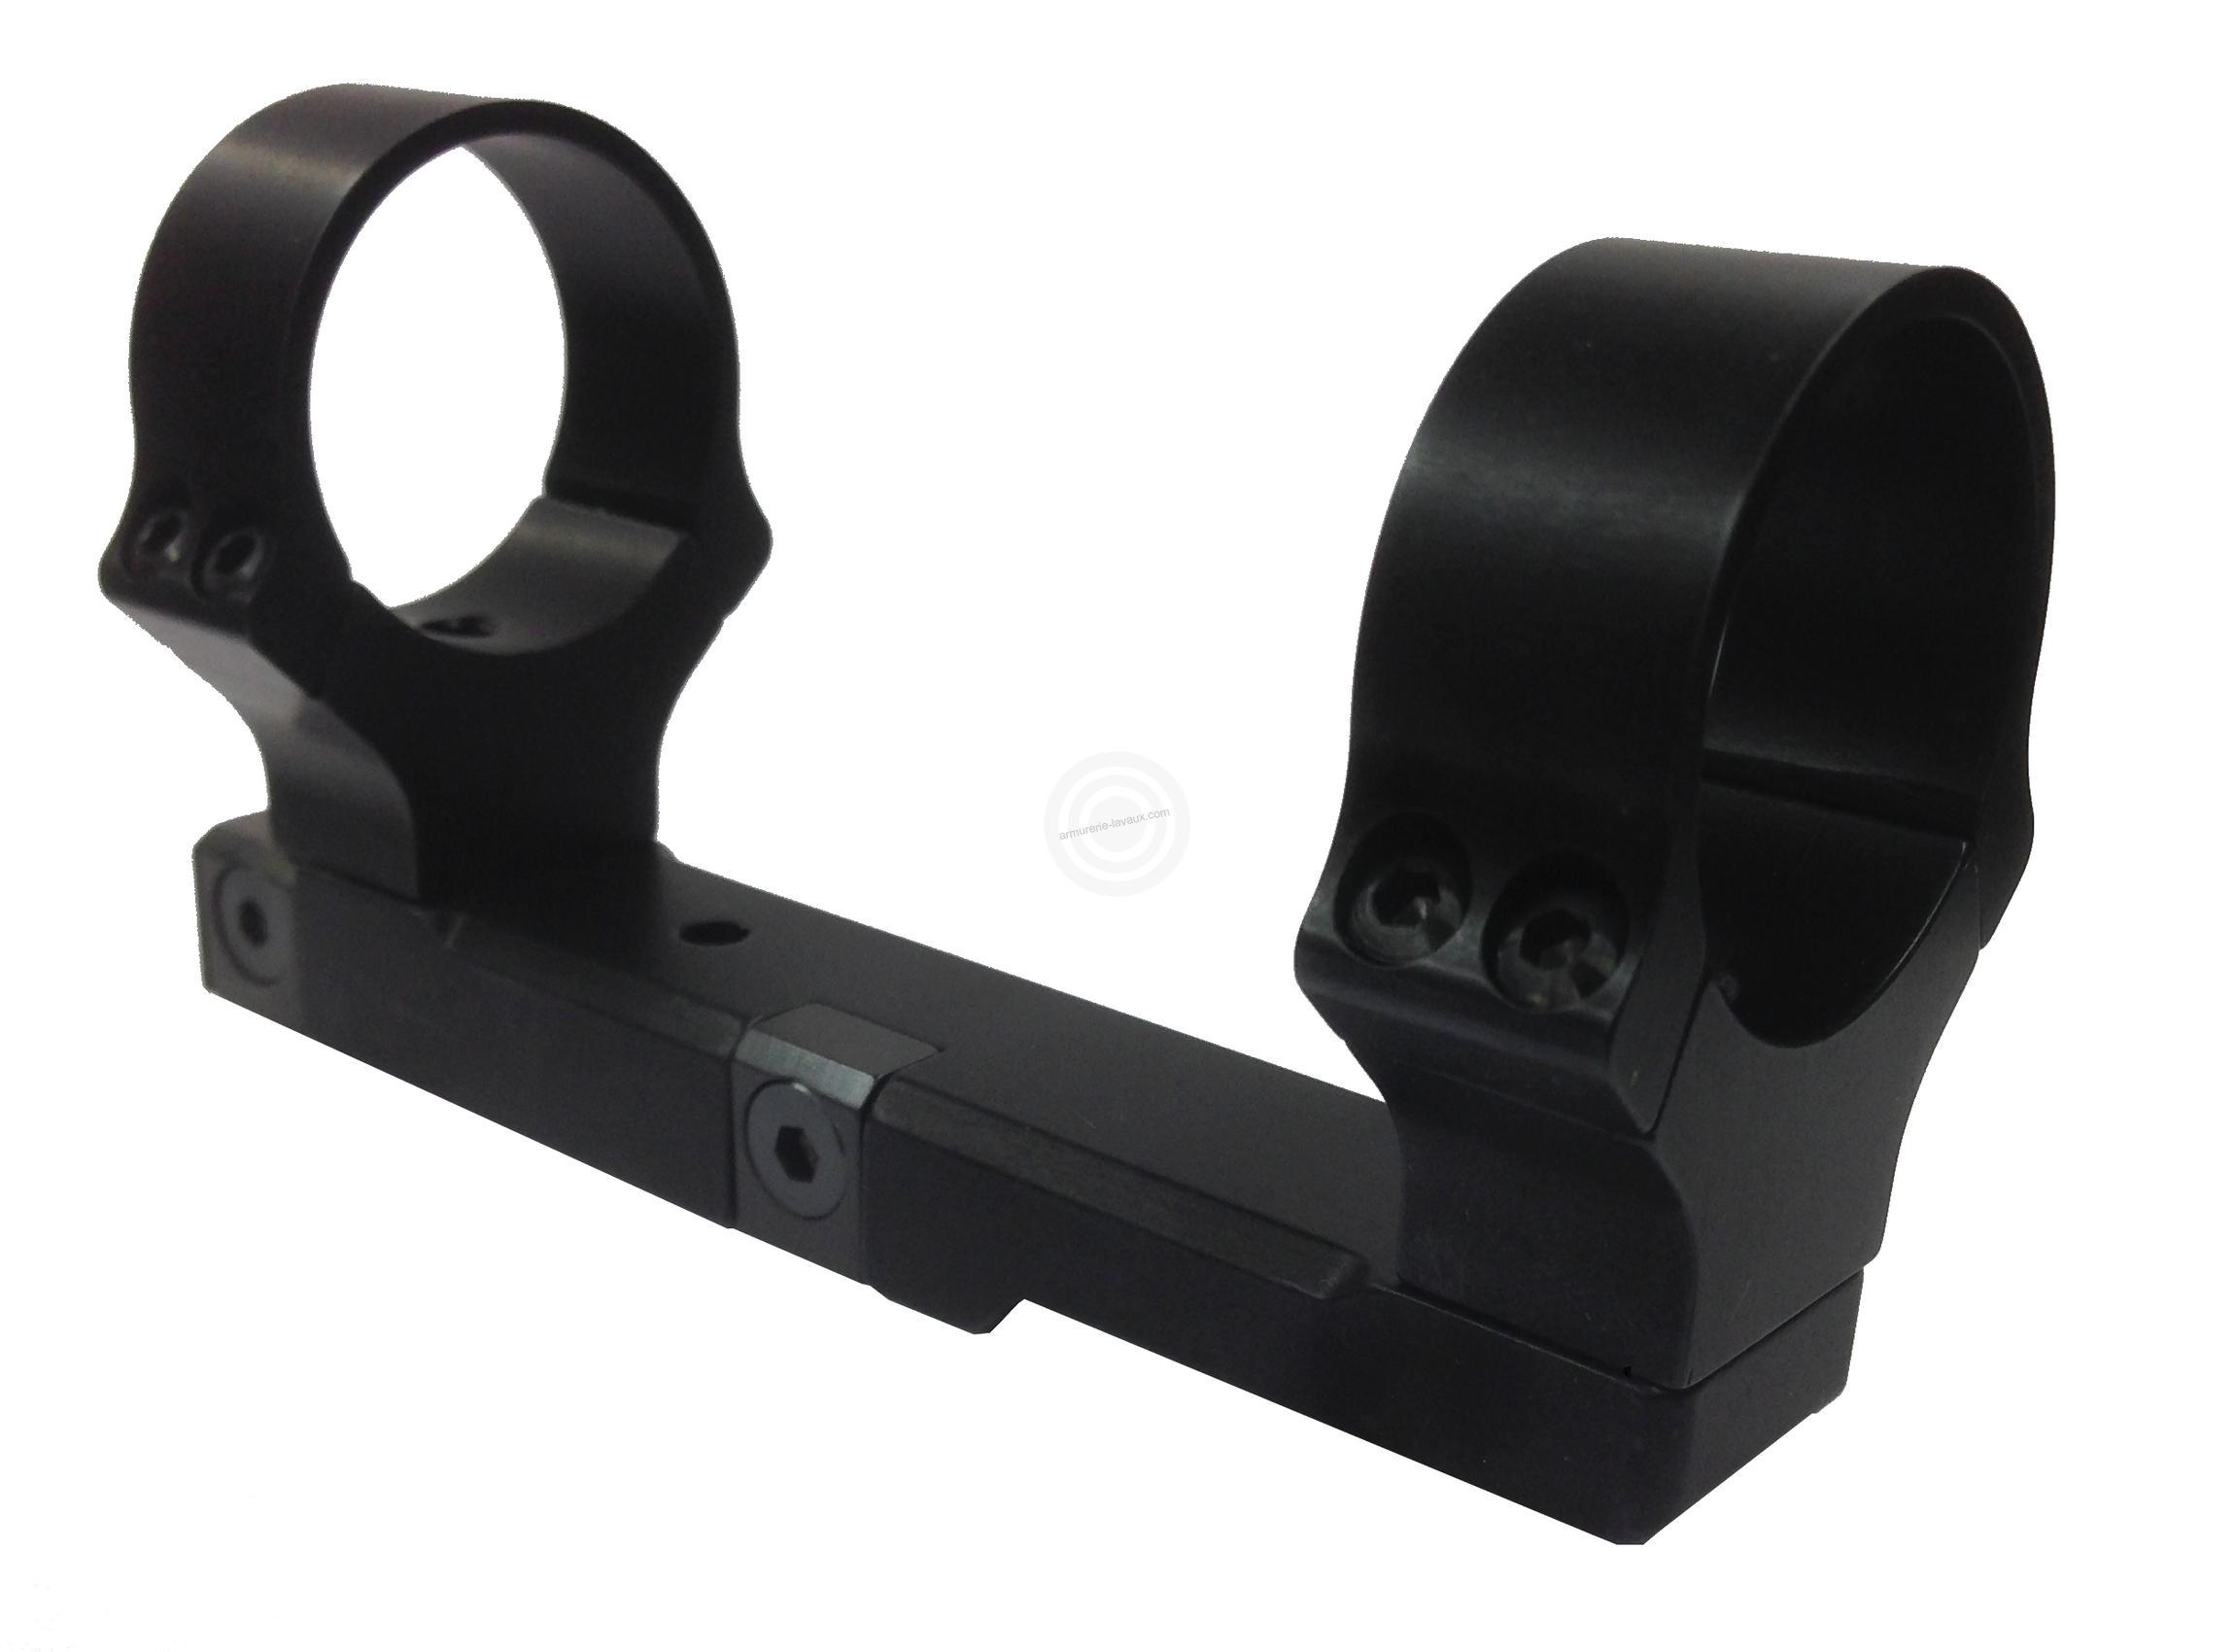 Montage allemand Suhl pour BAIKAL IJ18 - EXpress - Mixte diamètre 30 mm